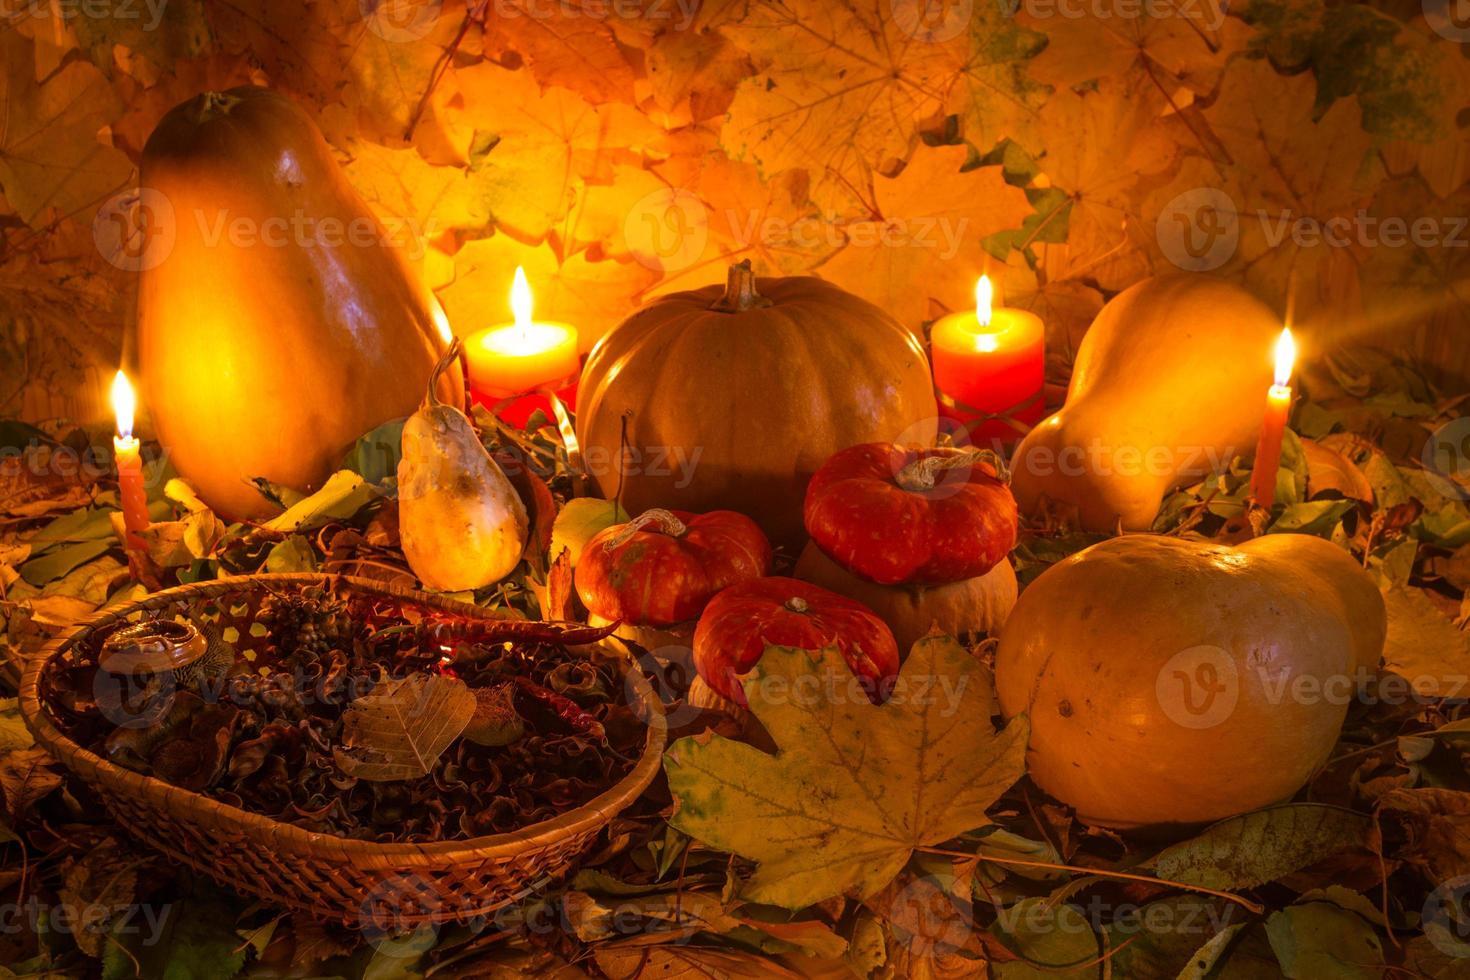 decoración de otoño foto